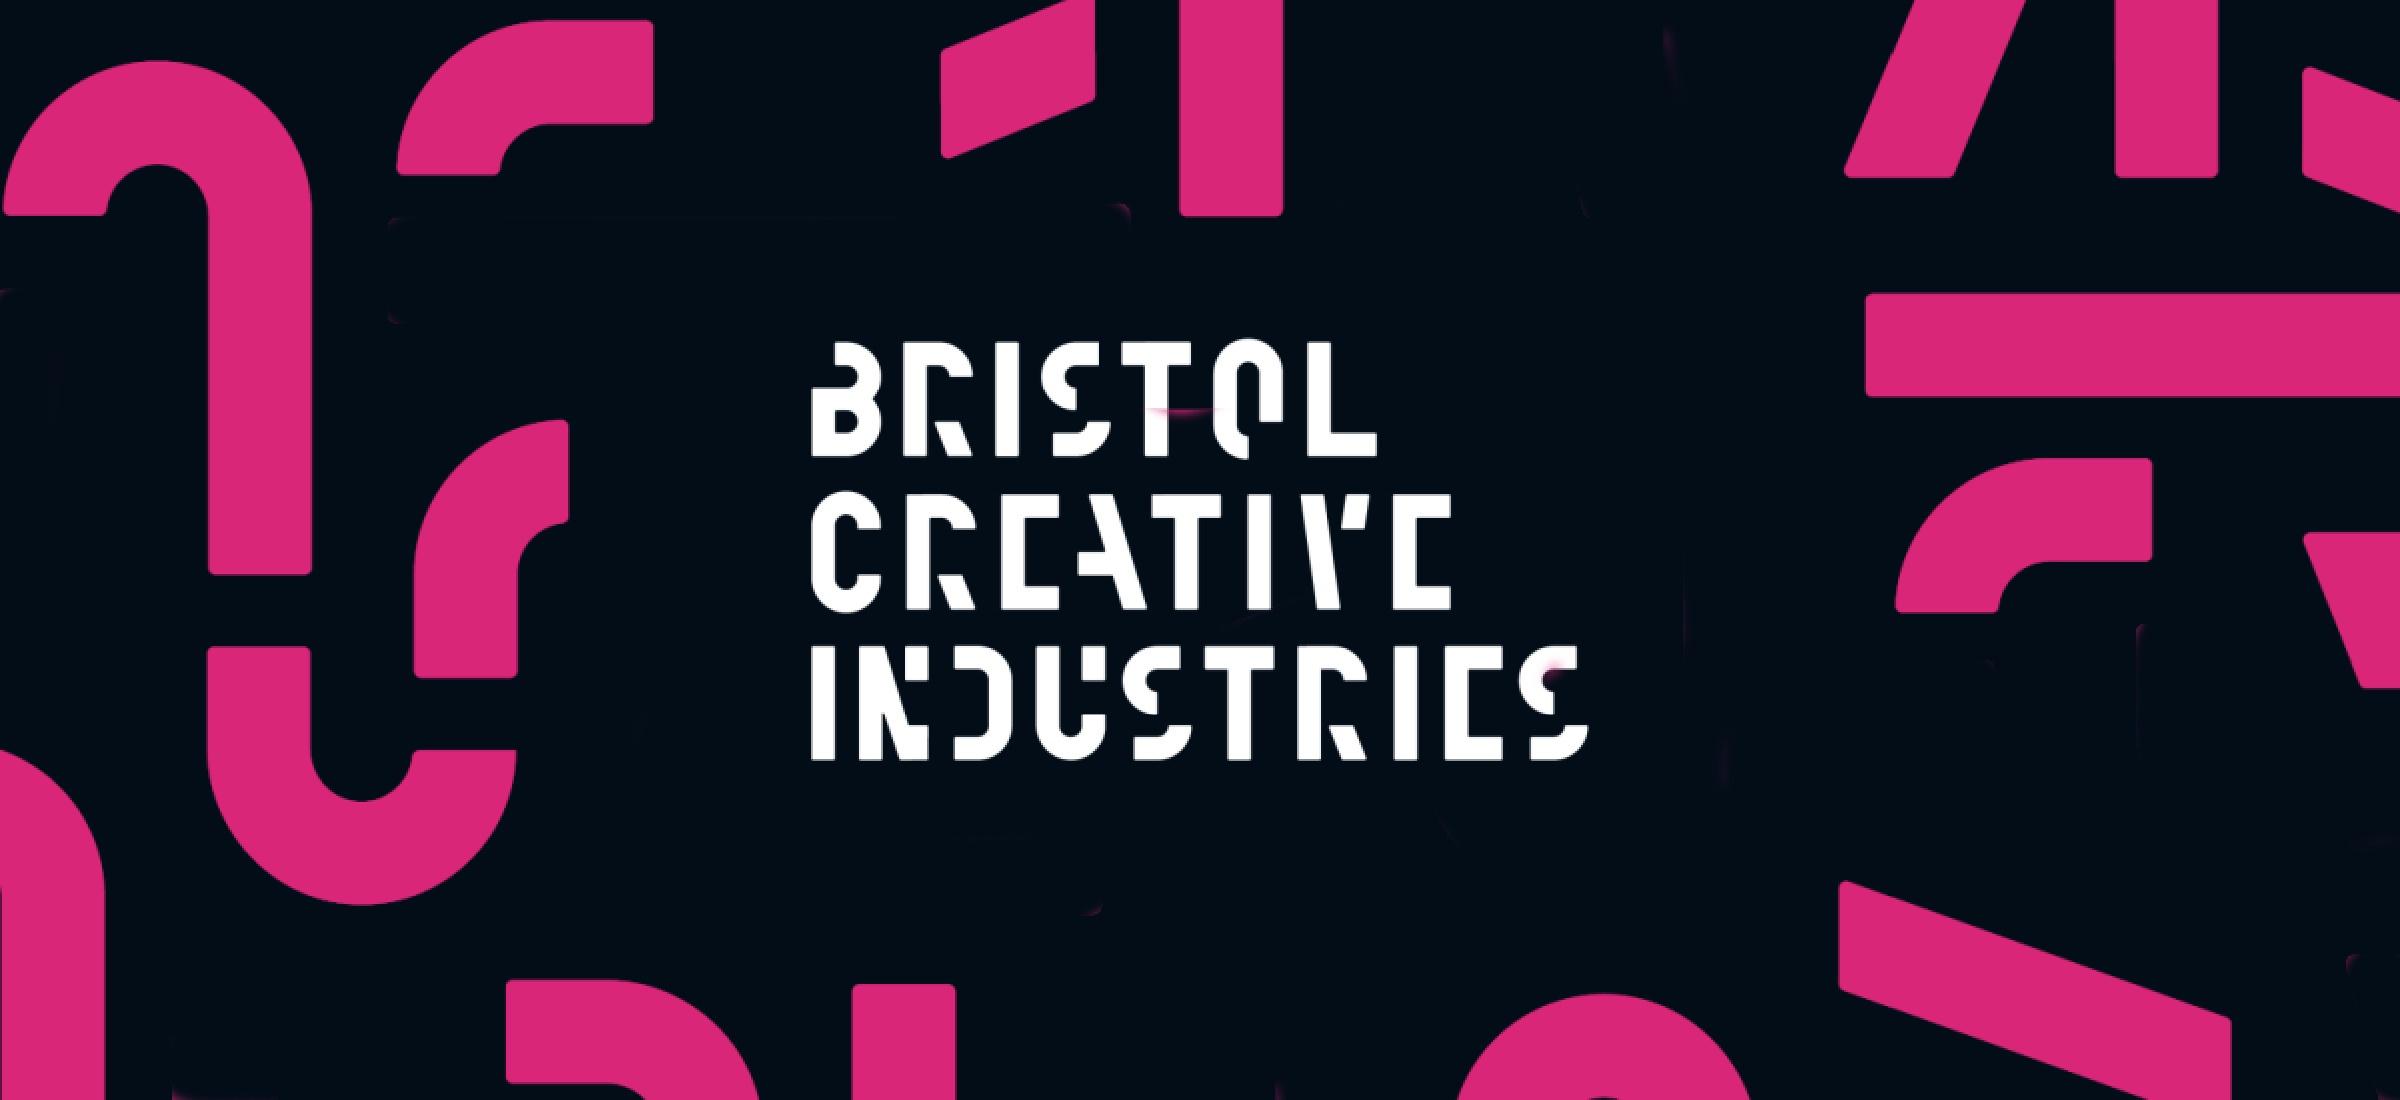 Bristol Creative Industries